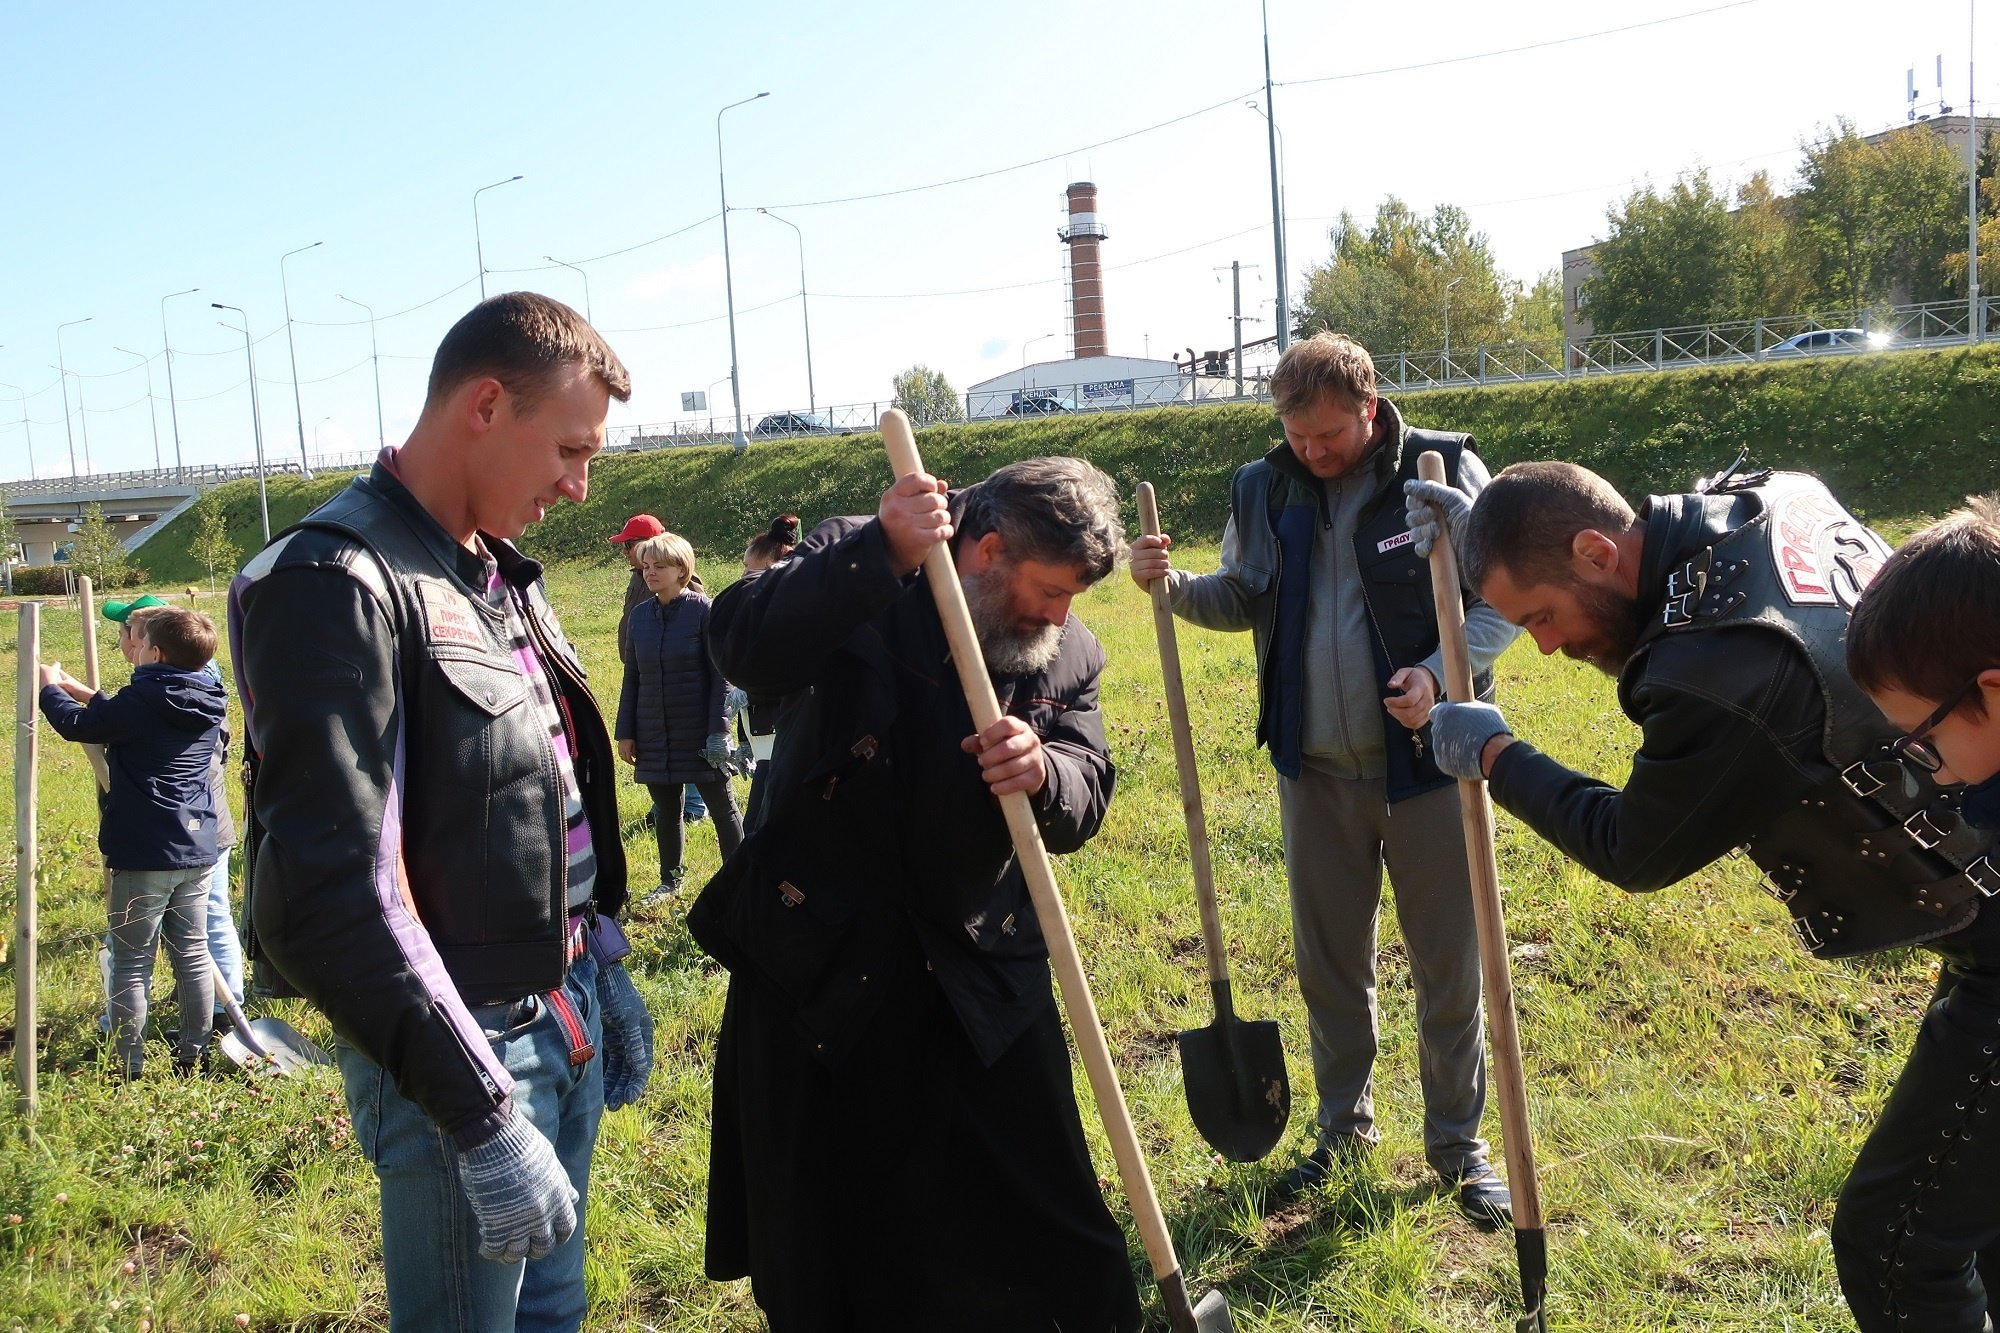 21 сентября в городском округе Красногорск была проведена акция в рамках программы Наш лес. Посади своё дерево, в ходе которой жители Красногорска посадили более 4000 деревьев и кустарников